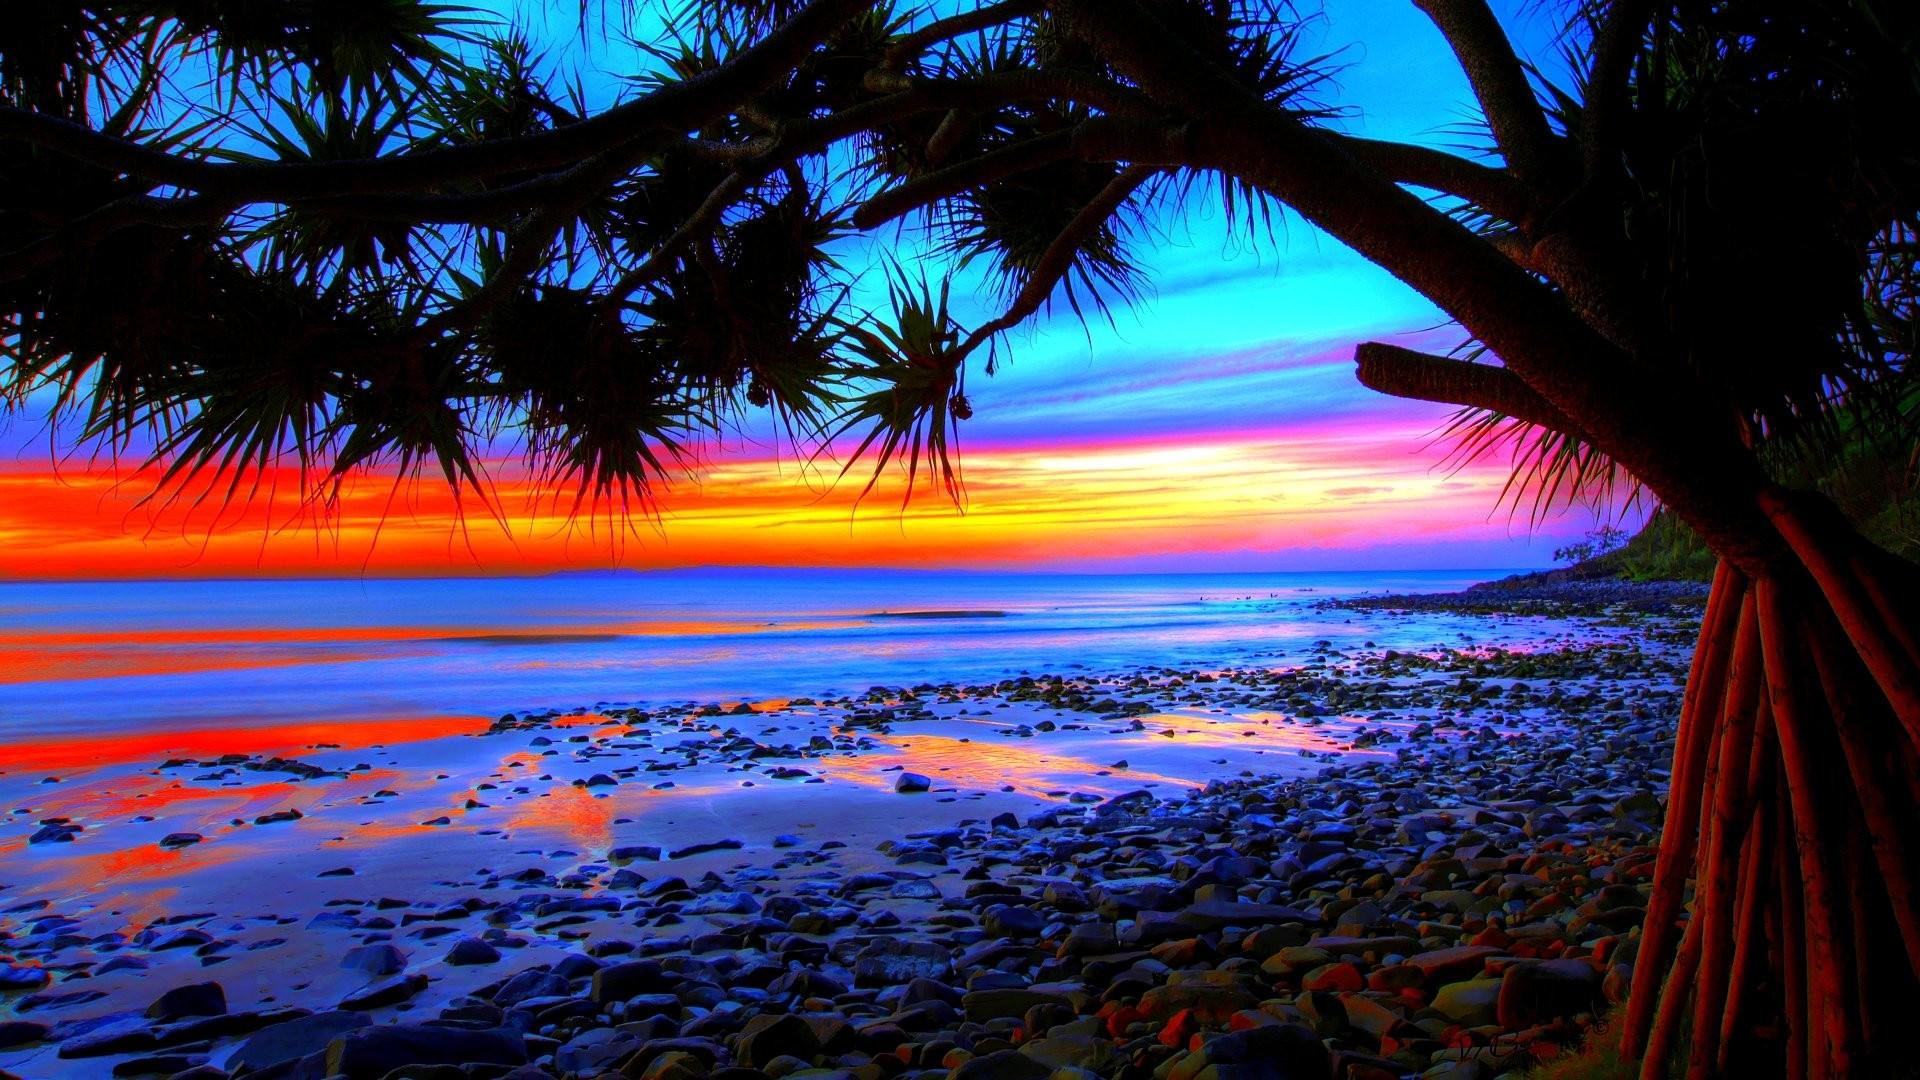 1920x1200 Beach Sunset Background Hd Wallpaper 24 HD Wallpapers